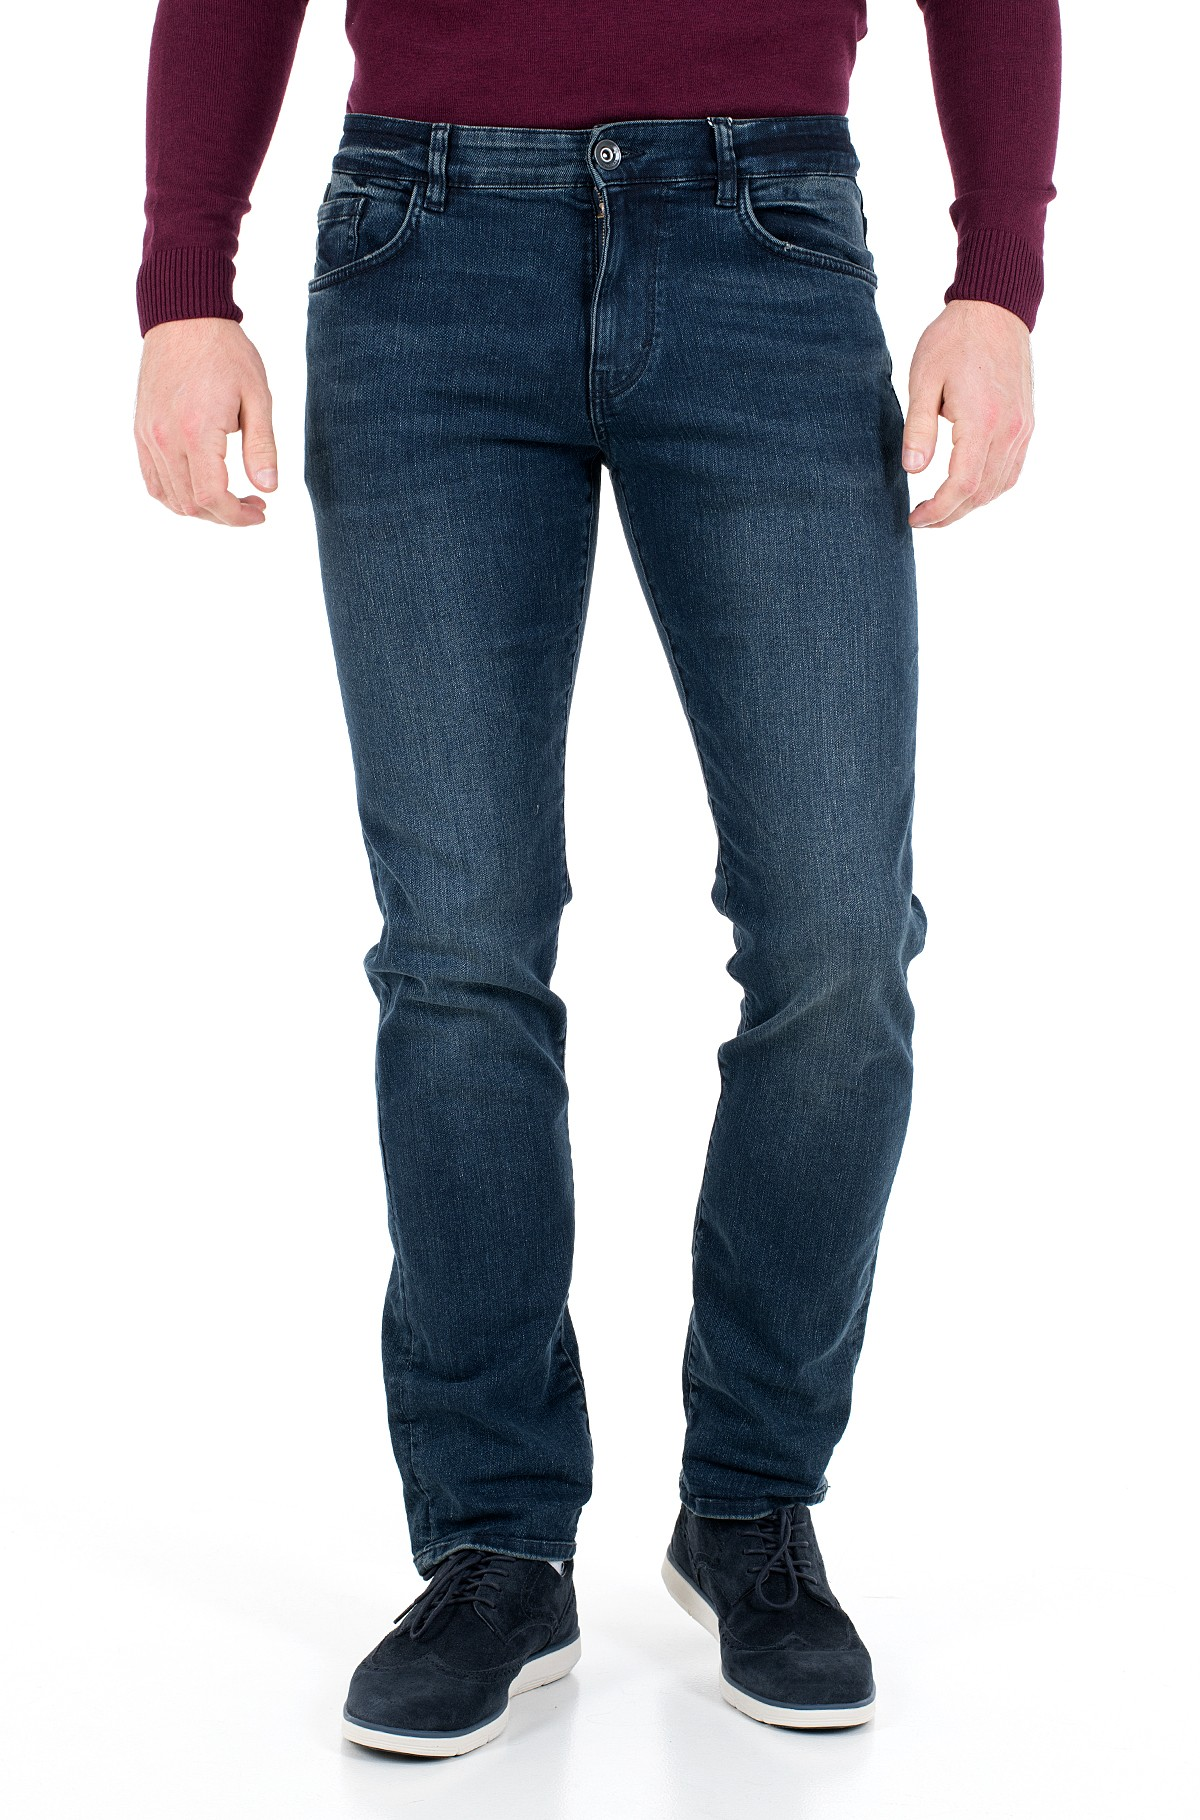 Jeans 1021162-full-1